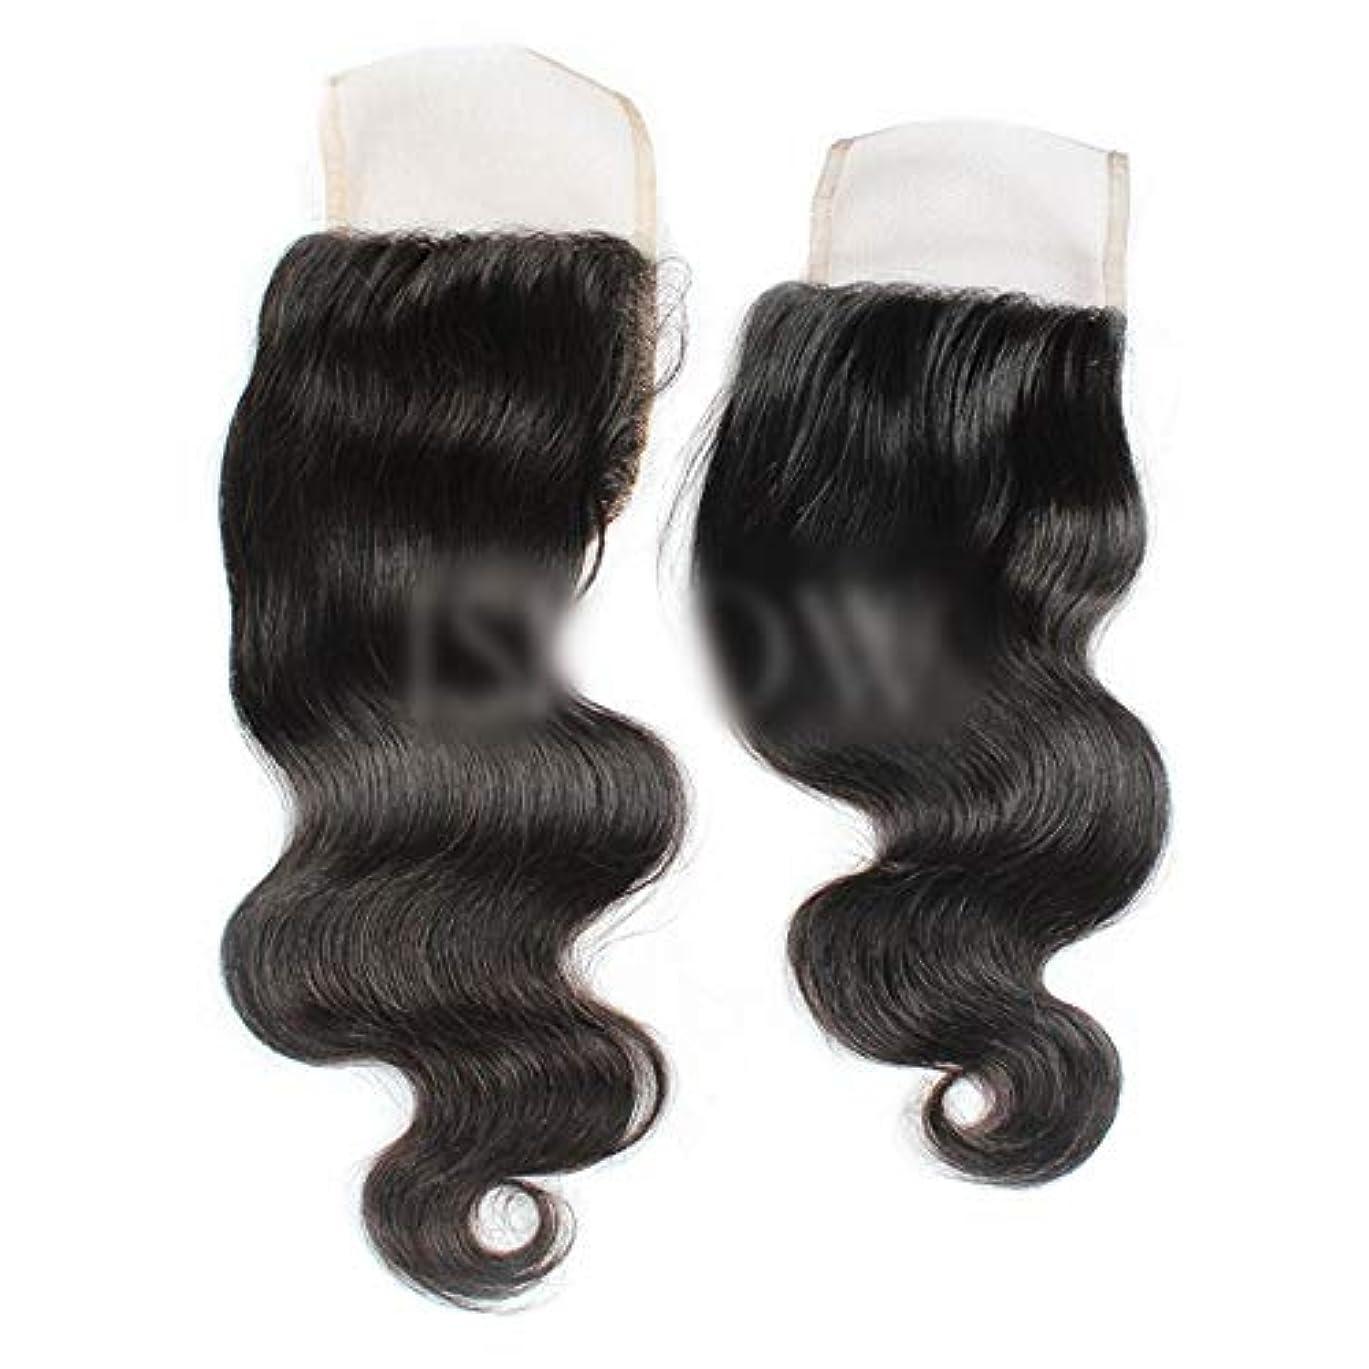 モーテルエレメンタル遵守するHOHYLLYA ブラジル実体波無料パート4×4レース前頭閉鎖人間の髪の毛の自然な黒い色(8インチ-20インチ)合成髪レースかつらロールプレイングかつらロングとショートの女性自然 (色 : 黒, サイズ : 10 inch)